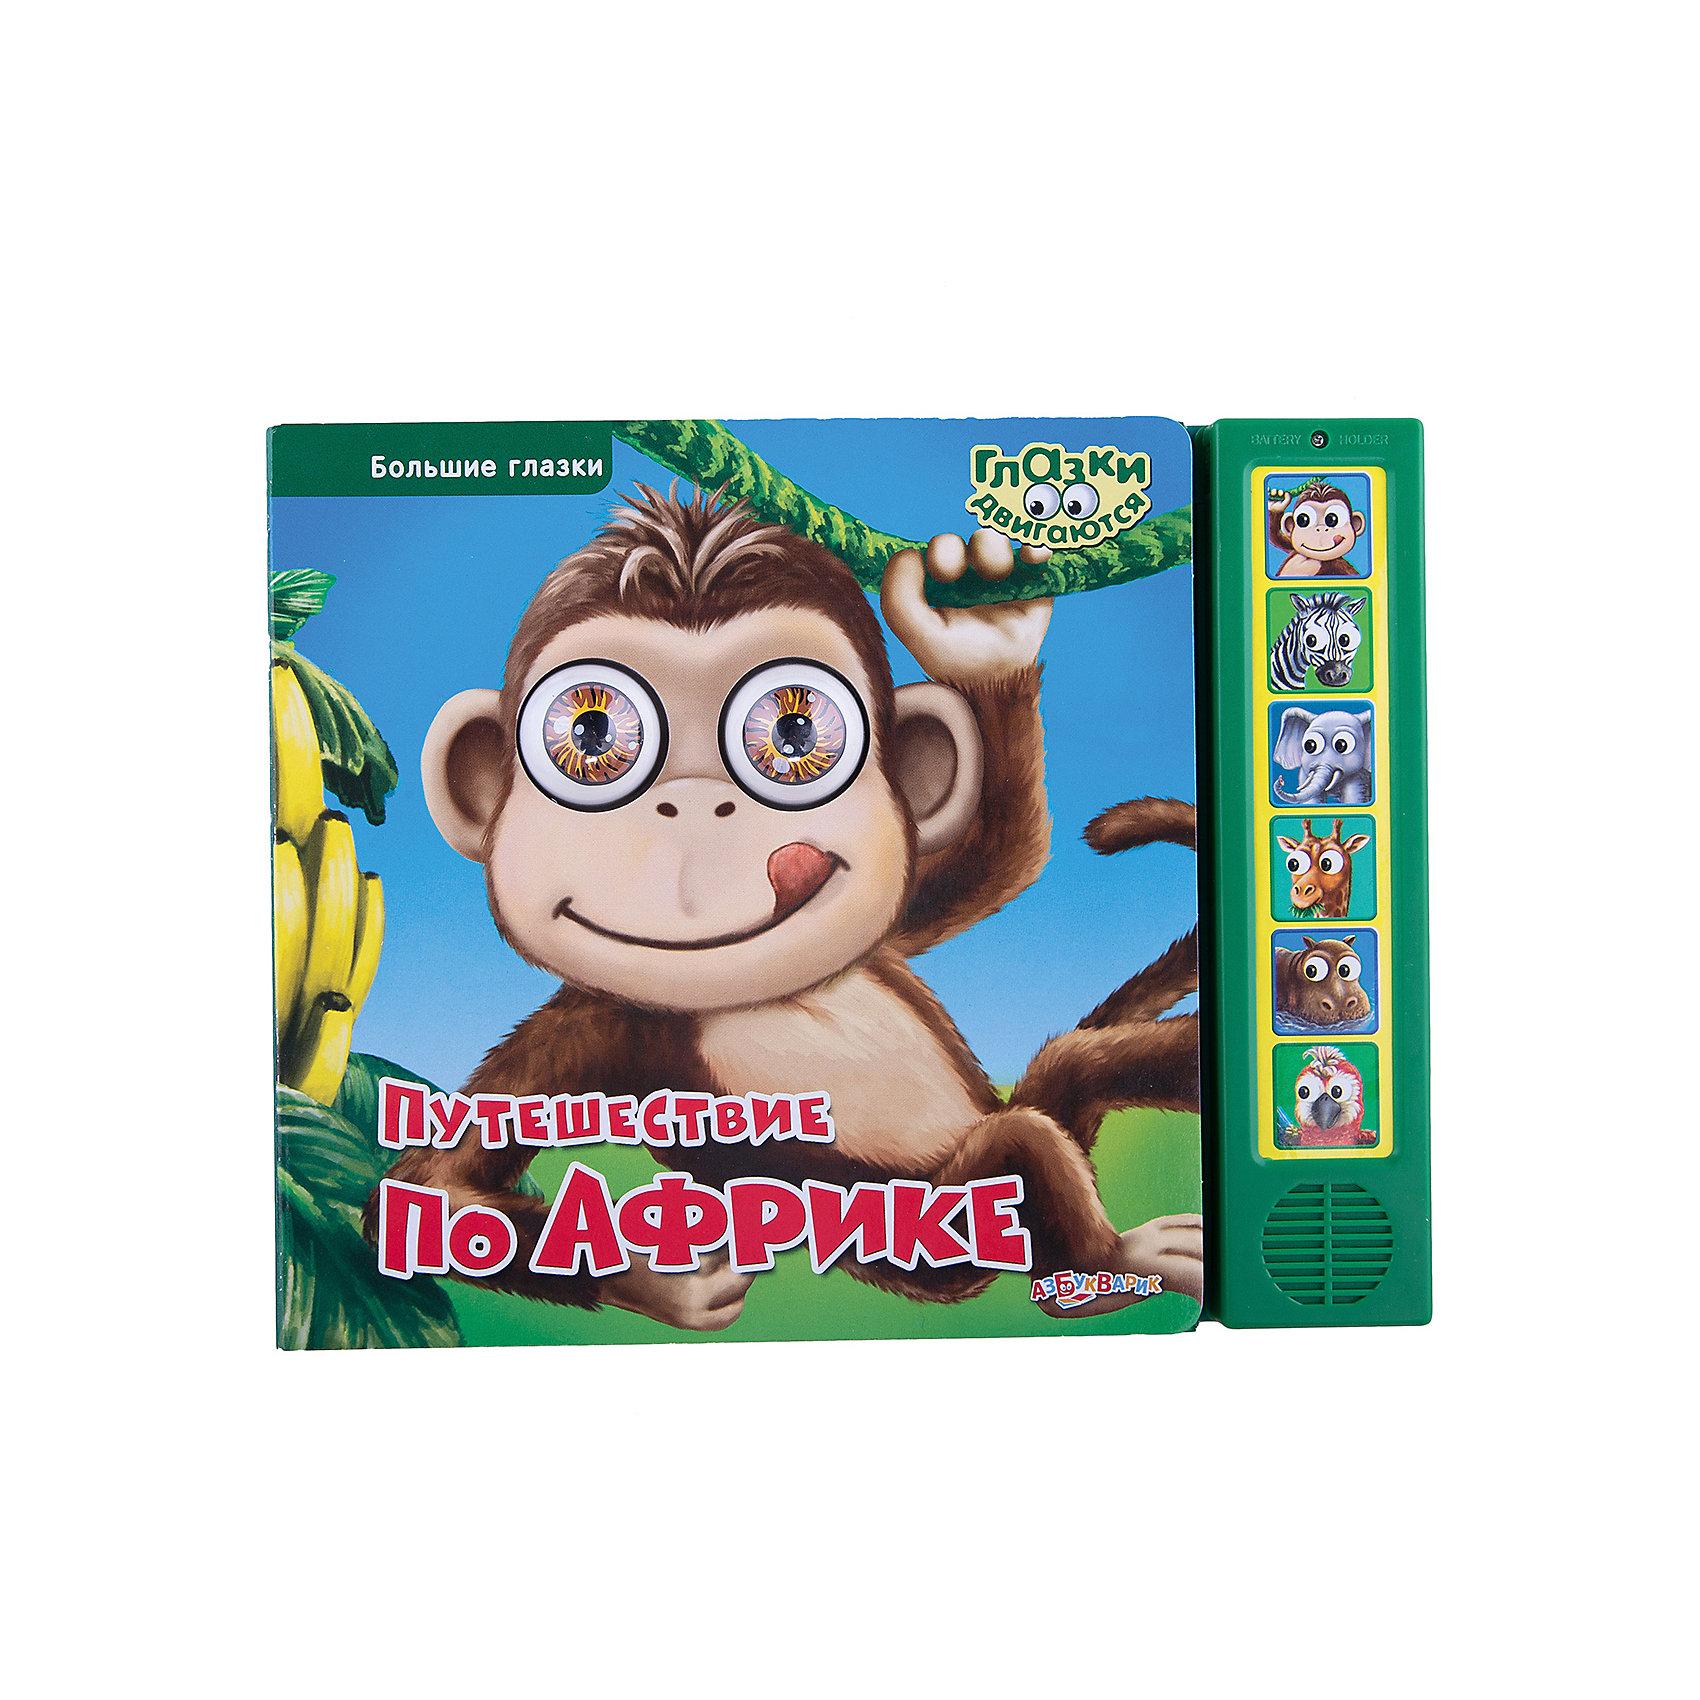 Книга со звуковым модулем Путешествие по АфрикеОчаровательная обезьянка с большими живыми глазами проведет малышам экскурсию по Африке и познакомит детишек с различными животными. <br>Яркие иллюстрации и разнообразные звуки сделают путешествие увлекательным и незабываемым. Плотные странички легко переворачивать даже самым юным читателям. <br><br>Дополнительная информация:<br><br>- Формат: 24х19 см.<br>- Количество страниц: 12.<br>- Обложка: твердая.<br>- Иллюстрации: цветные.<br>- Плотные картонные страницы. <br>- Звуковой модуль. <br>- Элемент питания: батарейки  (в комплекте). <br><br>Книгу со звуковым модулем Путешествие по Африке можно купить в нашем магазине.<br><br>Ширина мм: 24<br>Глубина мм: 19<br>Высота мм: 24<br>Вес г: 440<br>Возраст от месяцев: 24<br>Возраст до месяцев: 48<br>Пол: Унисекс<br>Возраст: Детский<br>SKU: 4951769